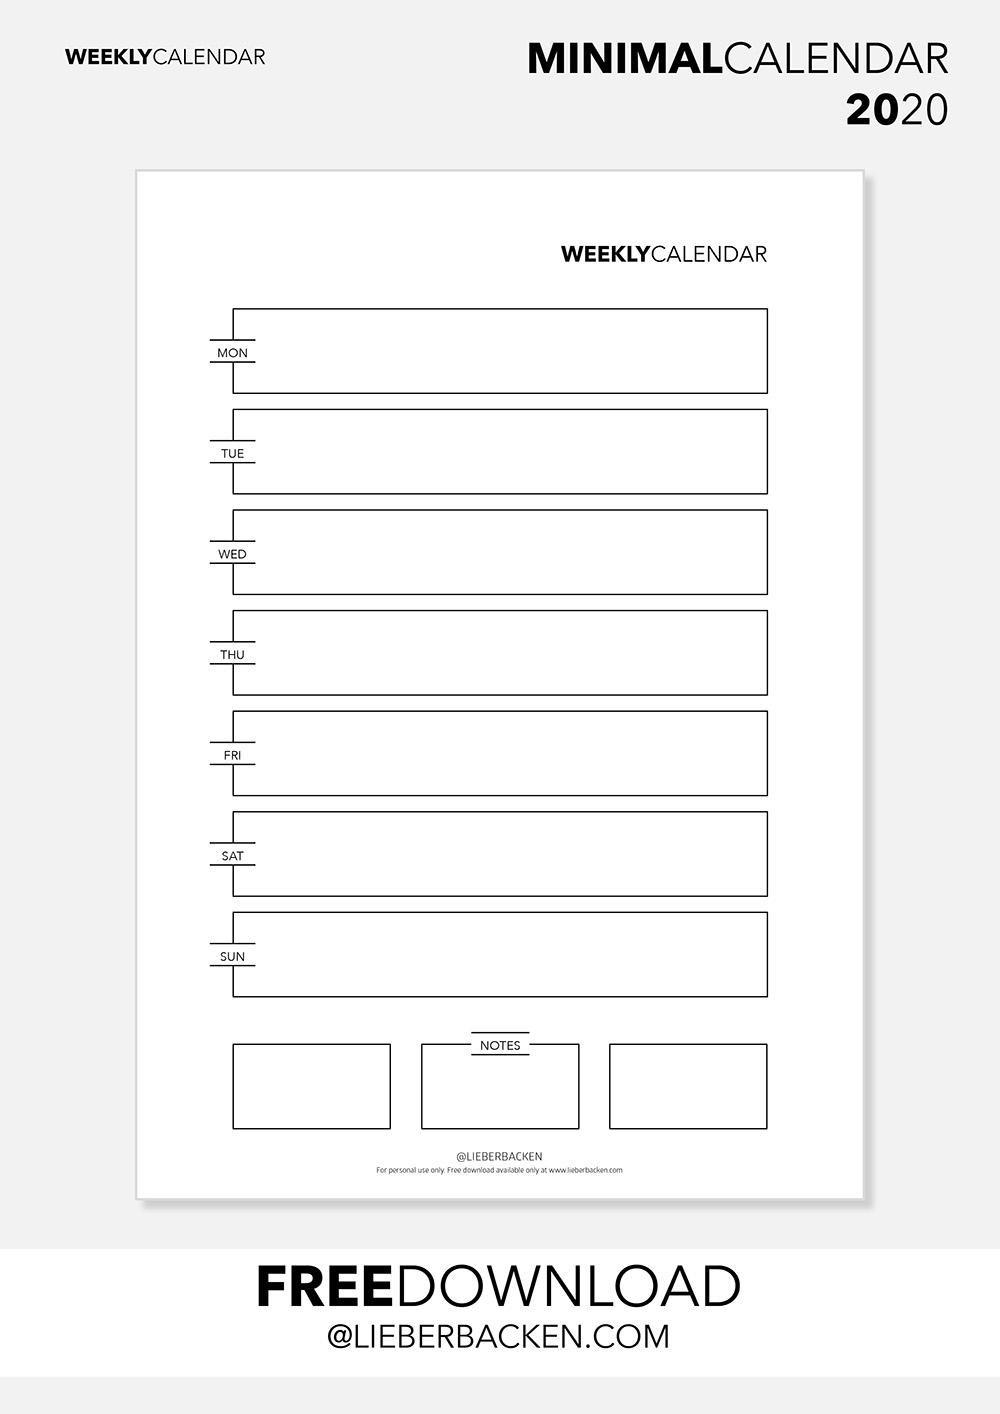 Weekly Calender - Free Printable Calender 2020 | Gratis Download Kalender 2020